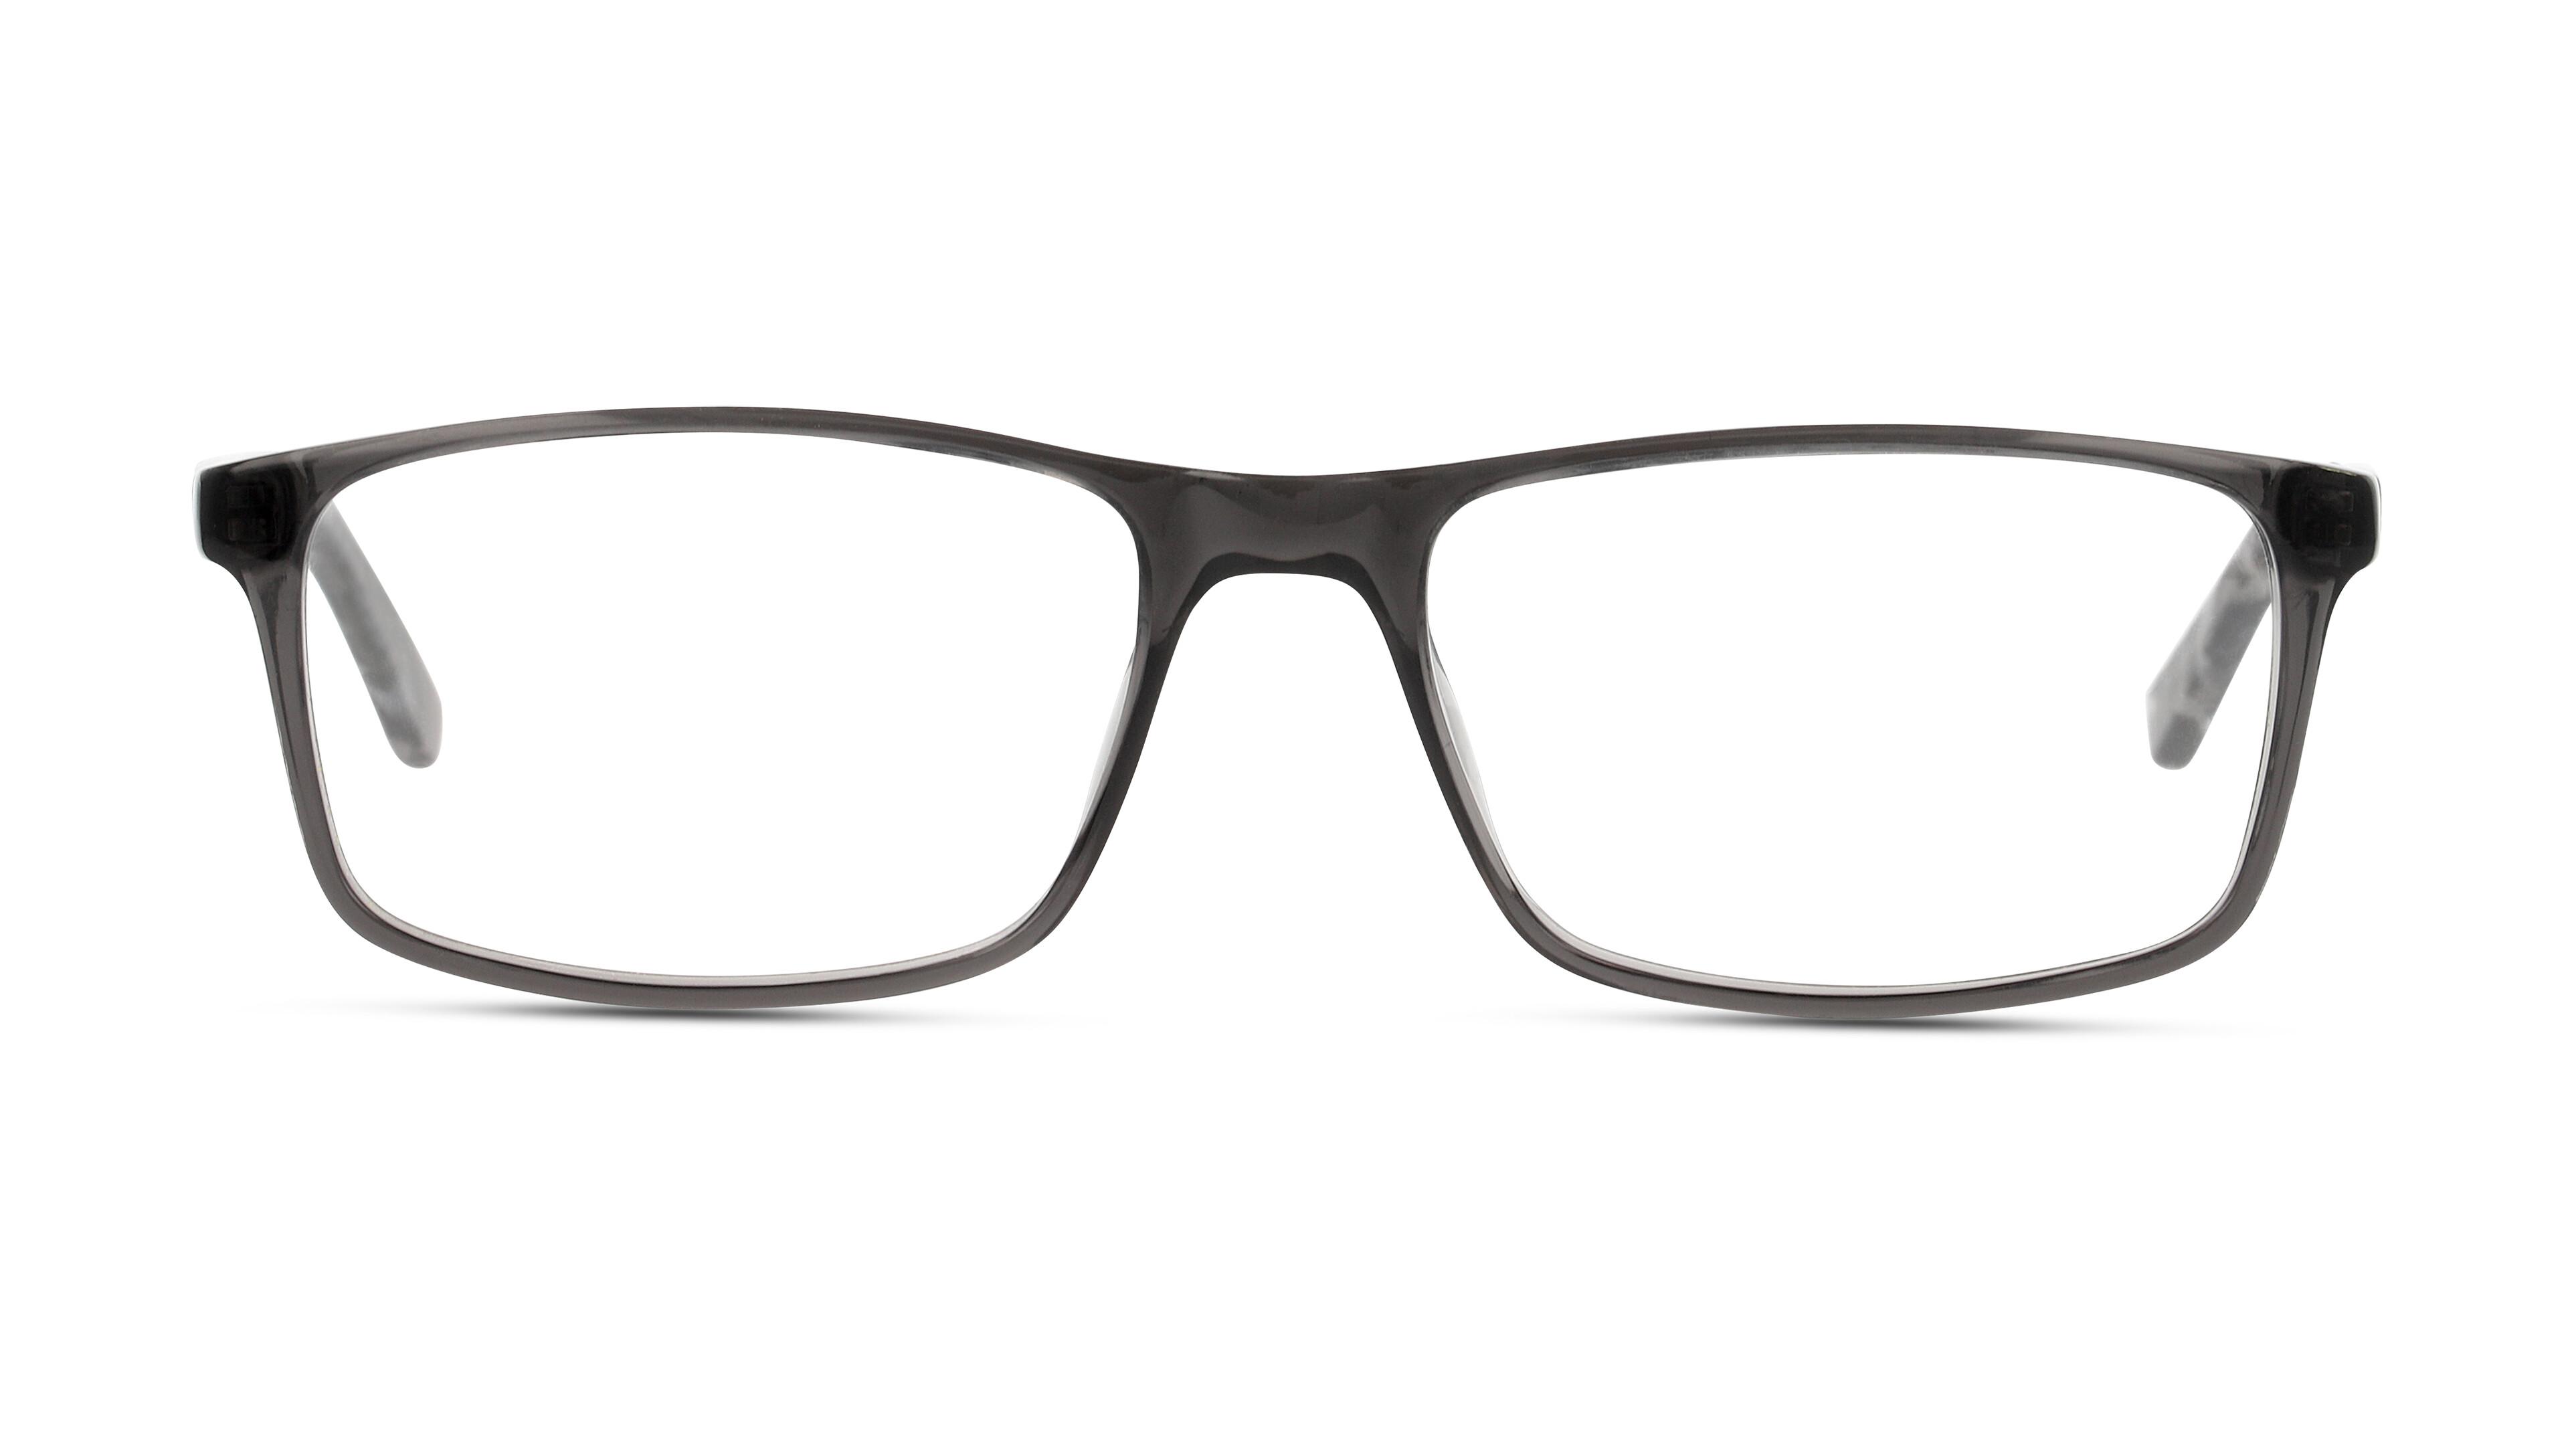 8719154772016-front-brillenfassung-unofficial-unom0181-grey-havana